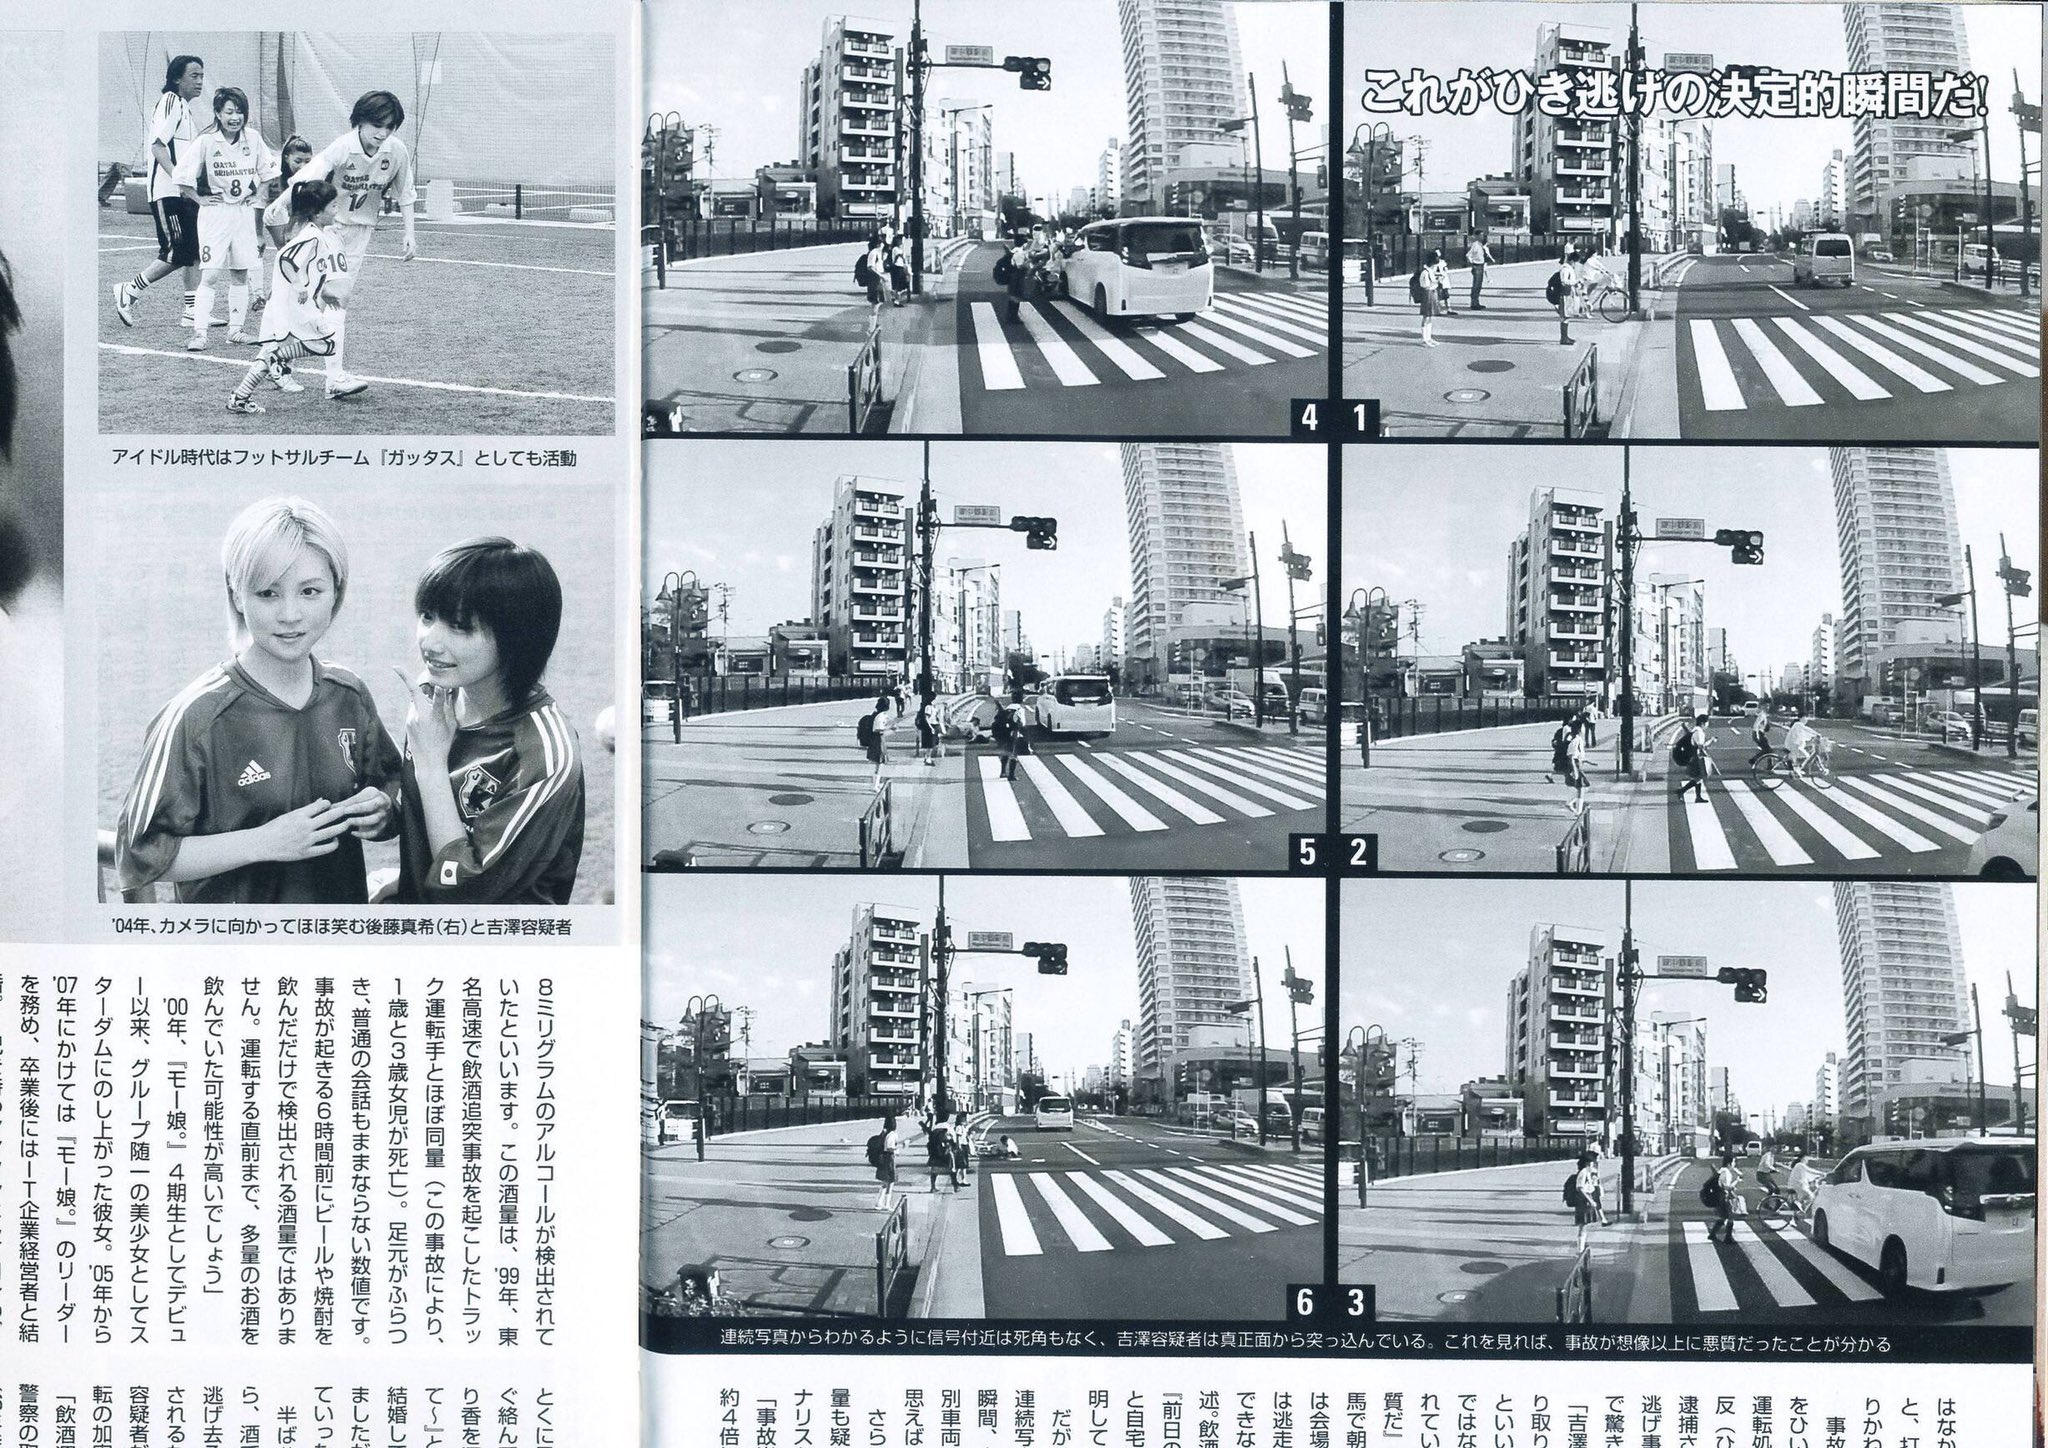 画像,吉澤ひとみ これはあかんやろ(U´・ω・`U) https://t.co/43u8RvP7eT。